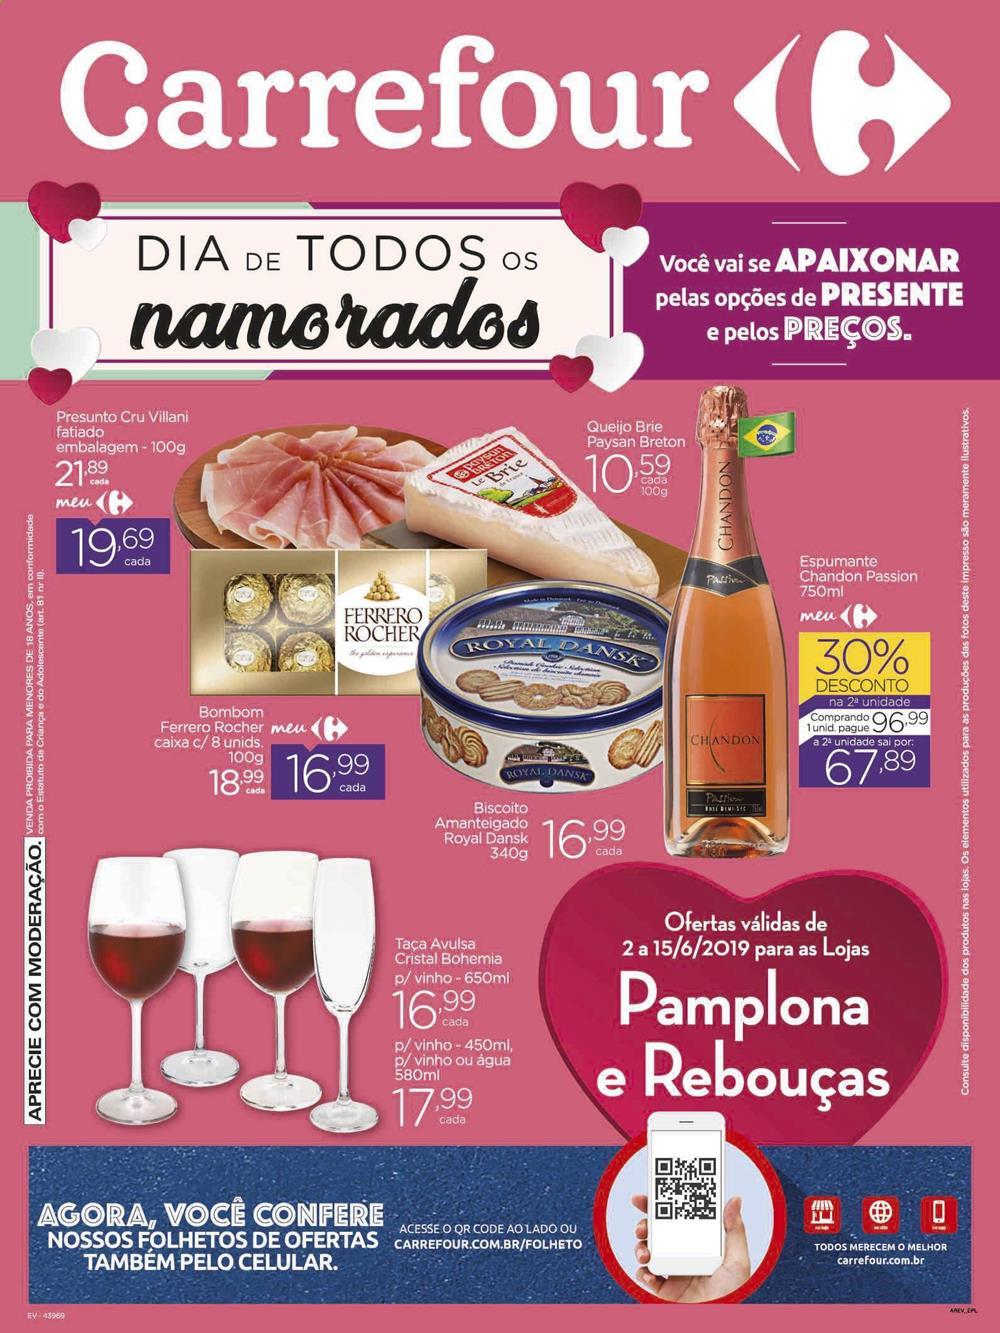 Ofertas-carrefour1-1 Ofertas Carrefour Dia dos Namorados especial Pamplona e Rebouças